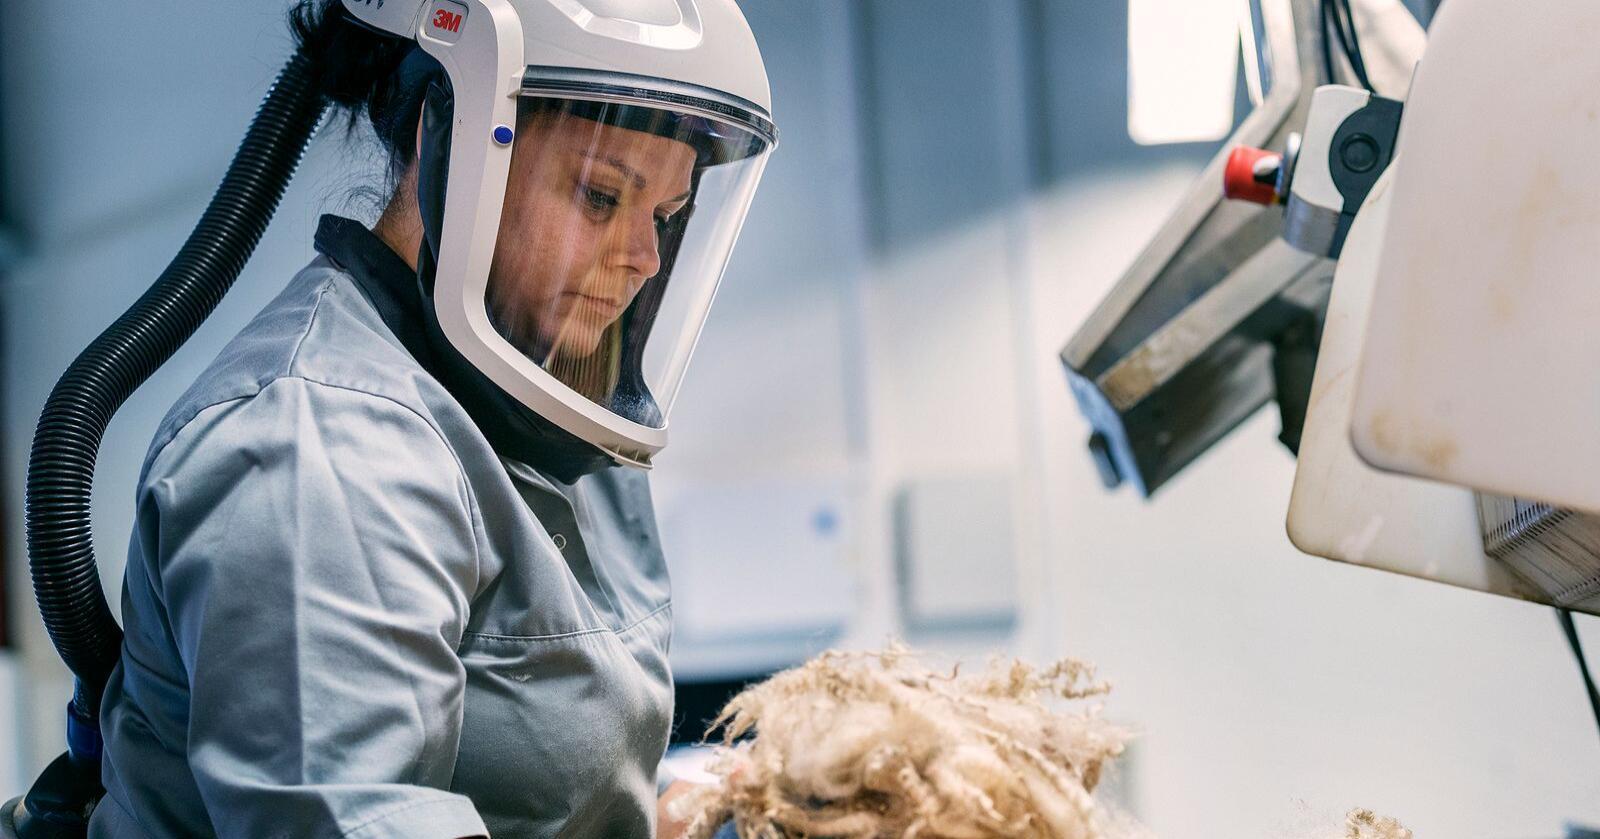 Norske ullprodusenter får tilskudd gjennom jordbruksavtalen. Tilskuddet gis pr. kilo ull og er differensiert etter kvalitet. Fra 1. september er ullprisen fra Norilia til leverandør satt til null kroner. (Foto: Sune Eriksen)